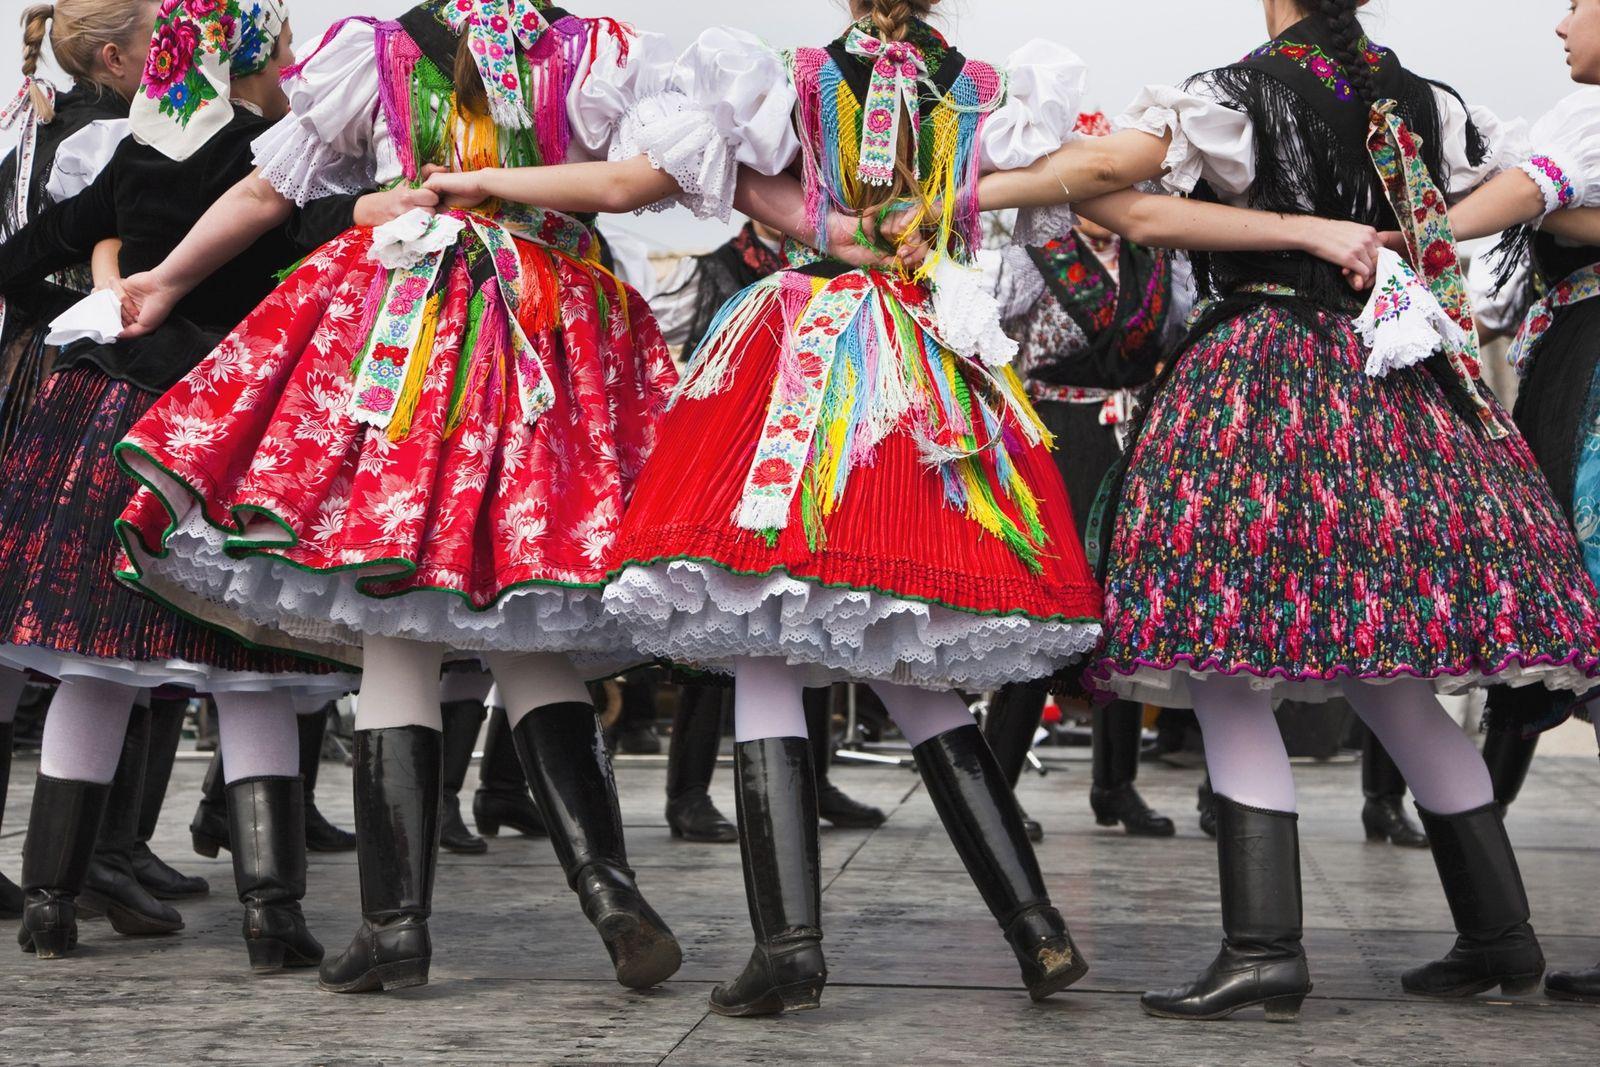 Em Hollókő, na Hungria, Património Mundial da UNESCO, os habitantes locais celebram a Páscoa com uma ...